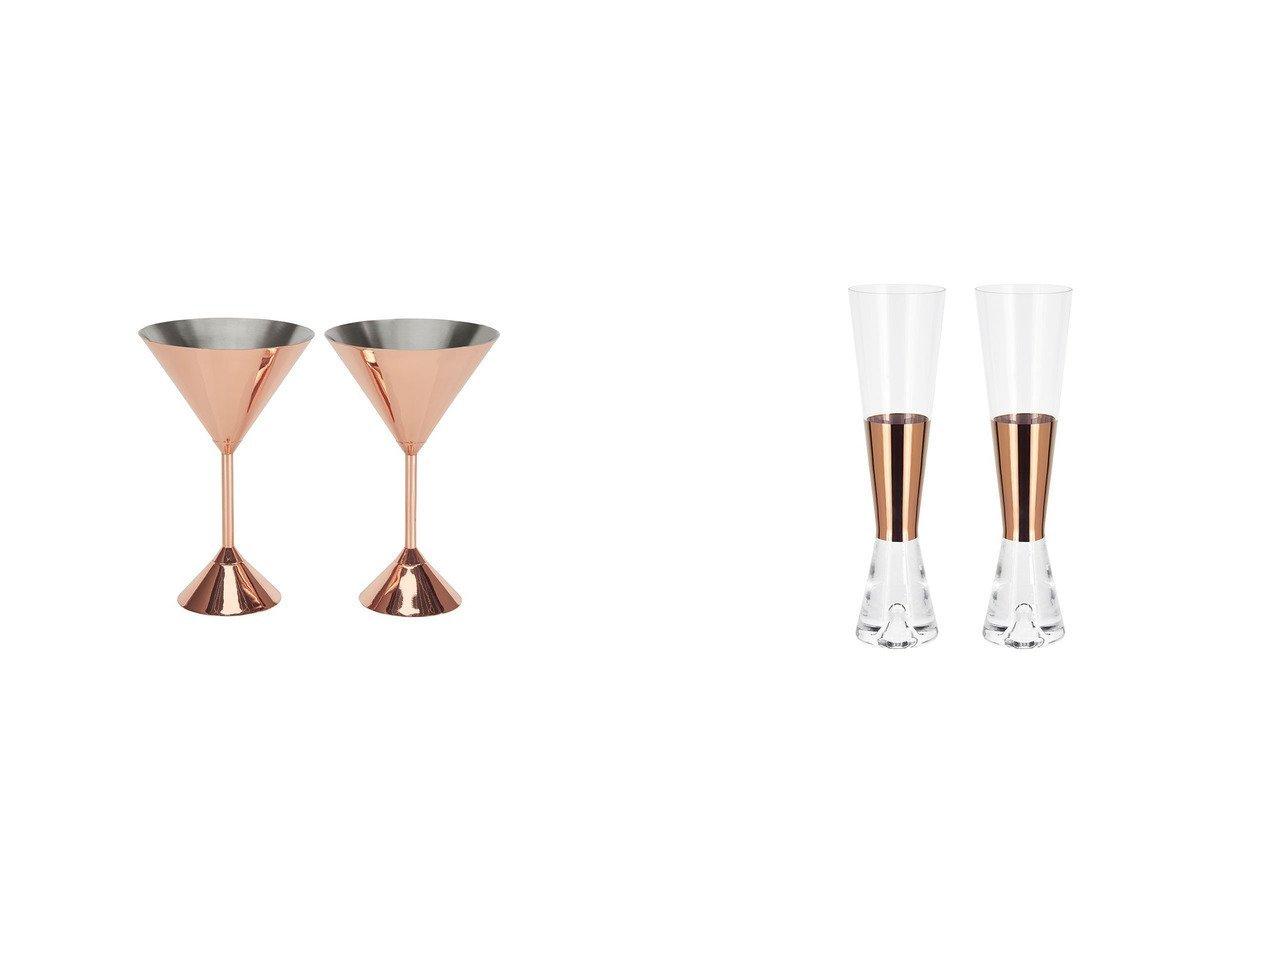 【Tom Dixon/トム ディクソン】のプラム マティーニグラス 2脚セット&Tank Champagne Glasses × タンク シャンパングラス 2脚セット(コッパー) 【FURNITURE】おすすめ!人気、インテリア・家具の通販 おすすめで人気の流行・トレンド、ファッションの通販商品 メンズファッション・キッズファッション・インテリア・家具・レディースファッション・服の通販 founy(ファニー) https://founy.com/ 送料無料 Free Shipping グラス タンブラー テーブル ガラス コレクション タンク 手描き  ID:crp329100000036589